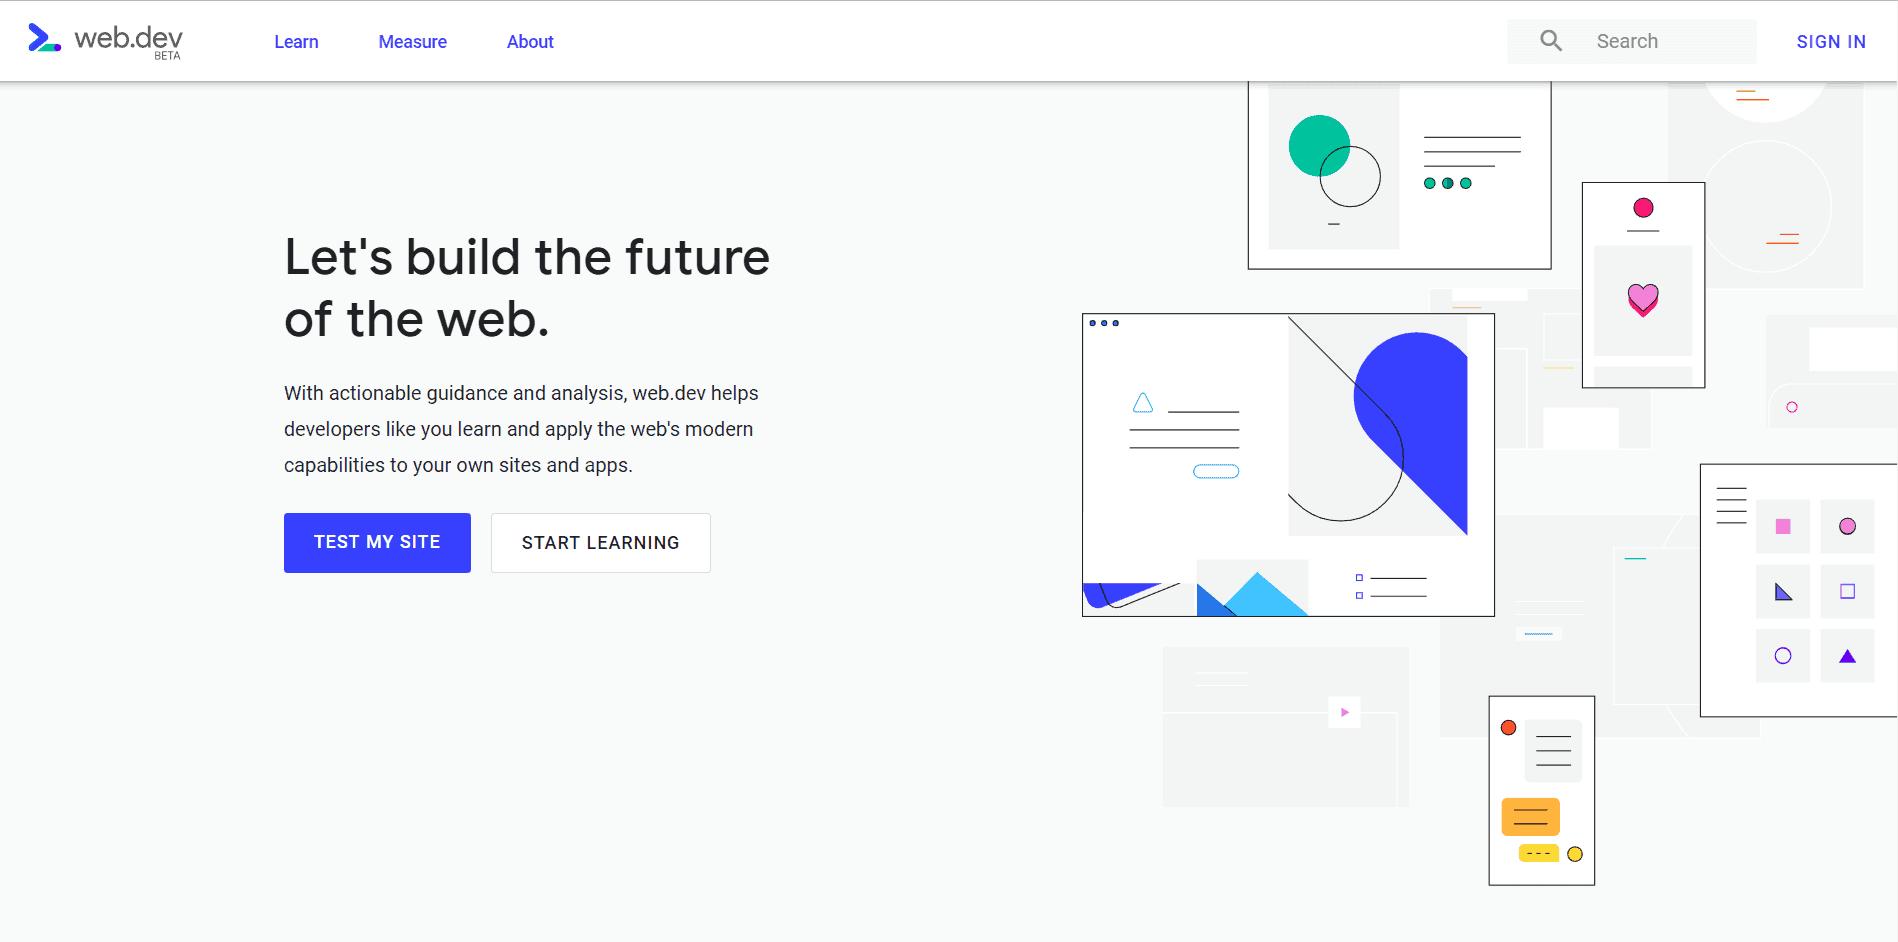 Ook Google heeft een gratis SEO-tool voor je: web.dev